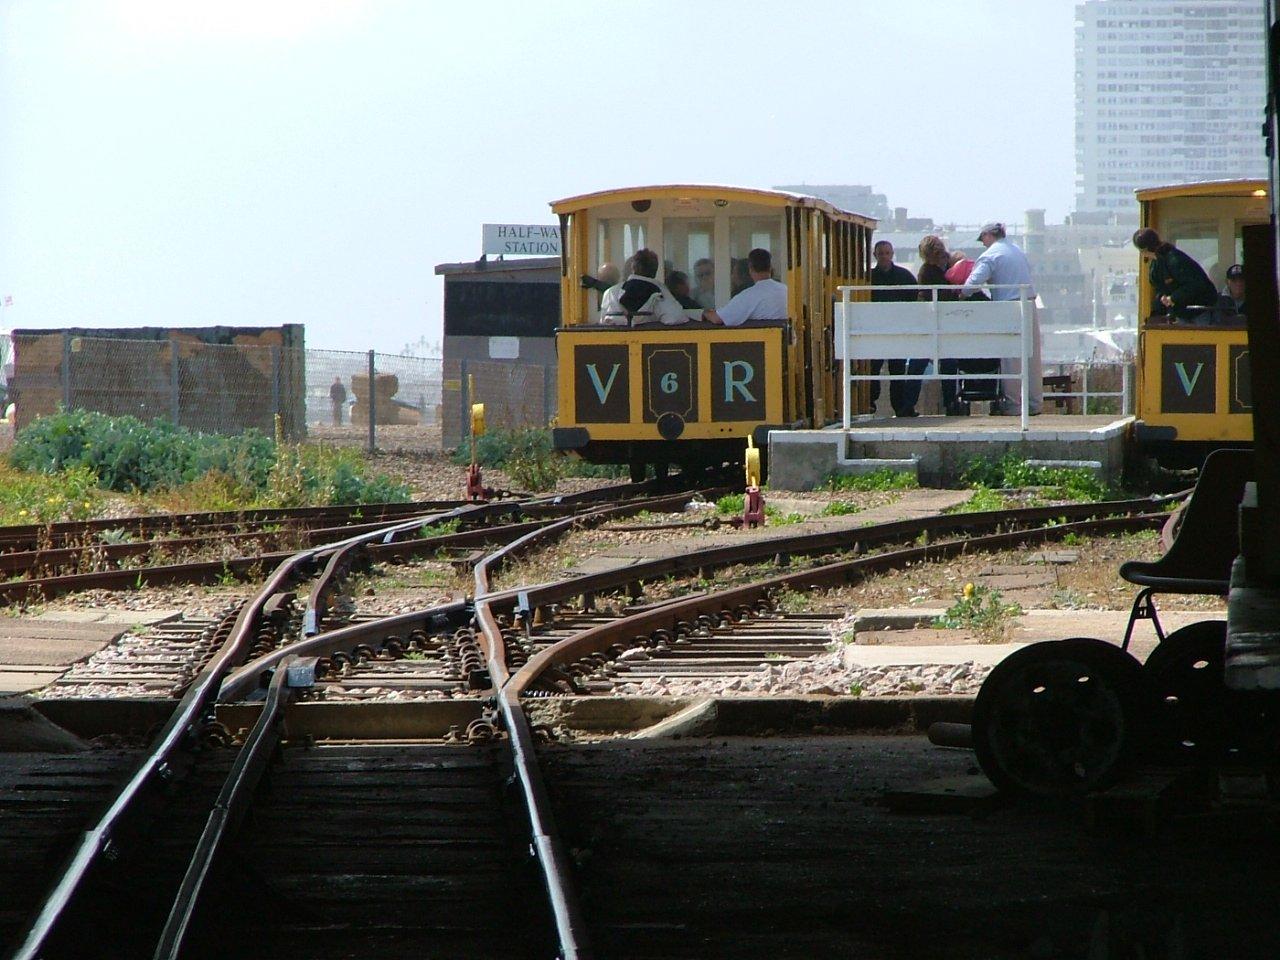 4. Ferrocarril Volk